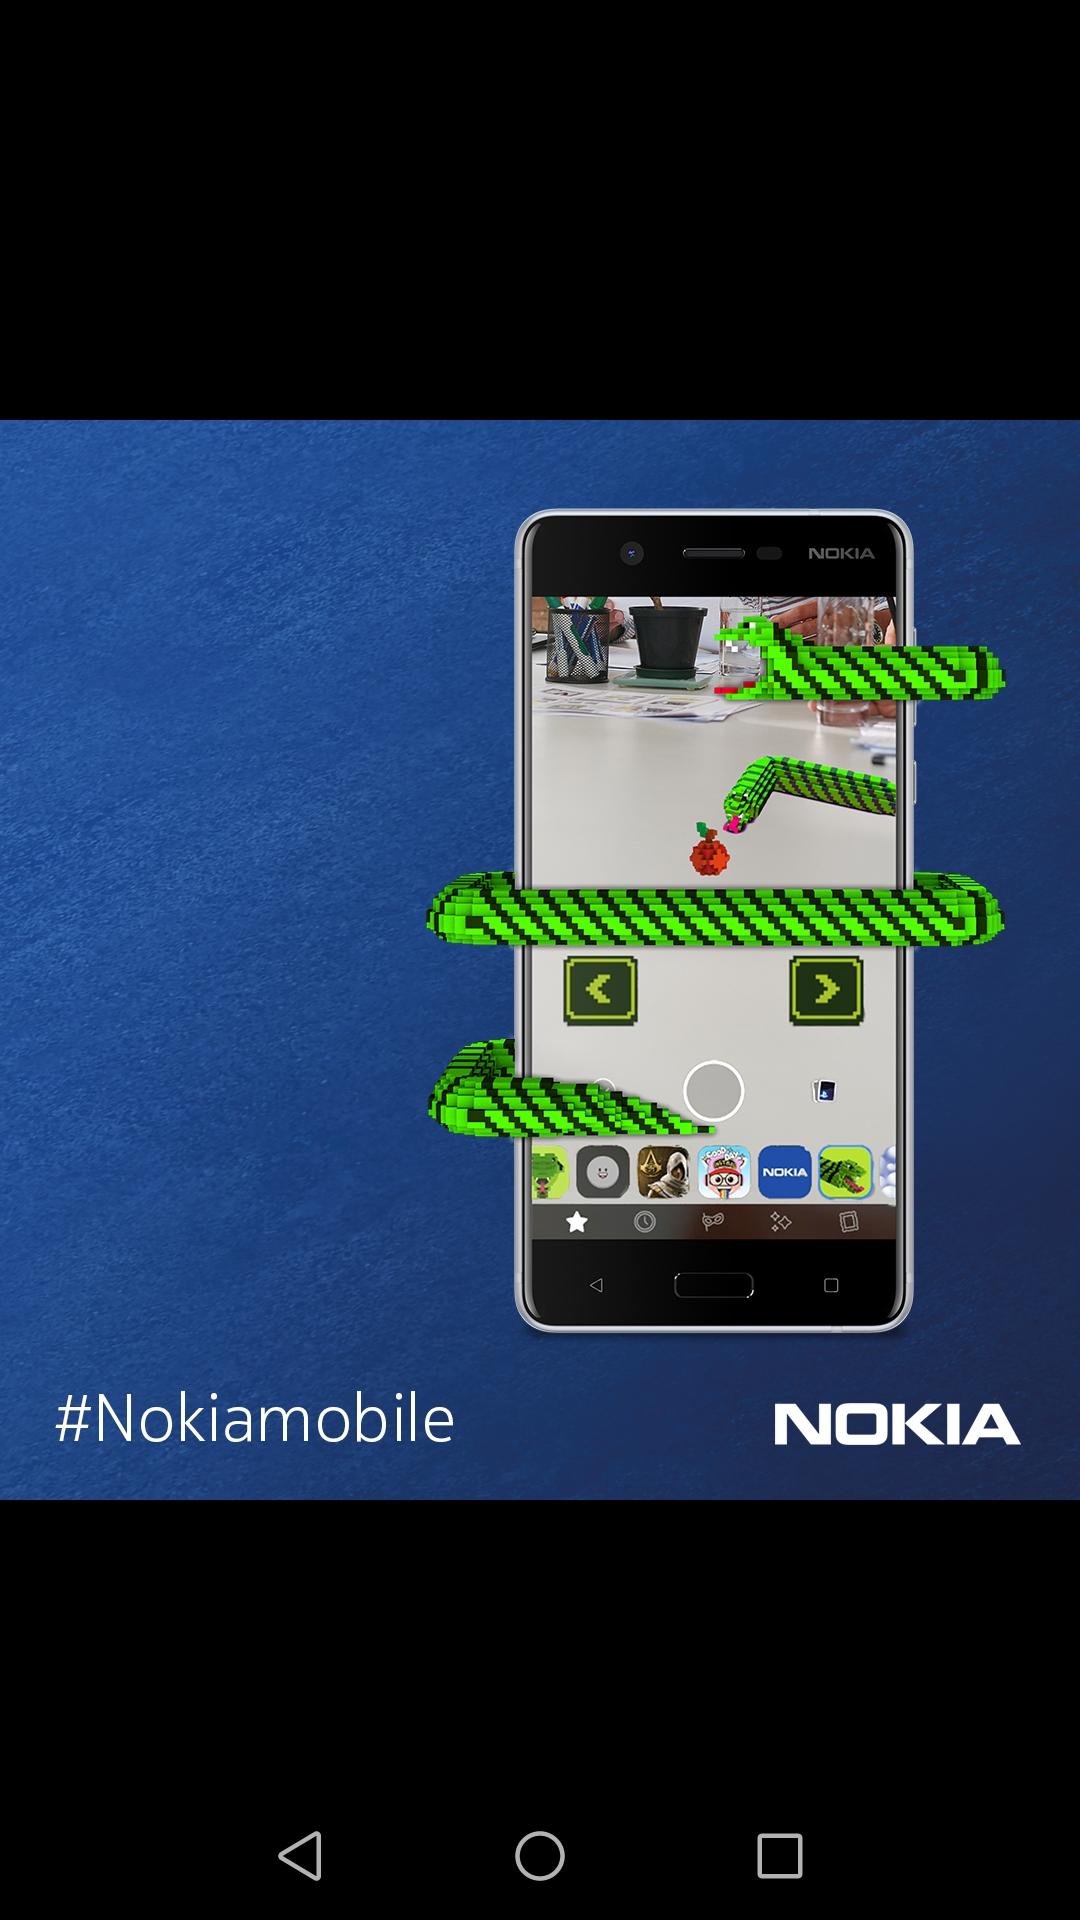 شركة HMD العالمية المطوّرة لأجهزة هواتف نوكيا توفر نسخة محدّثة من لعبة  Snakeالحية الشهيرة لمحبيها عبر منصة تأثيرات الواقع المعزز AR الجديدة لكاميرا فيسبوك